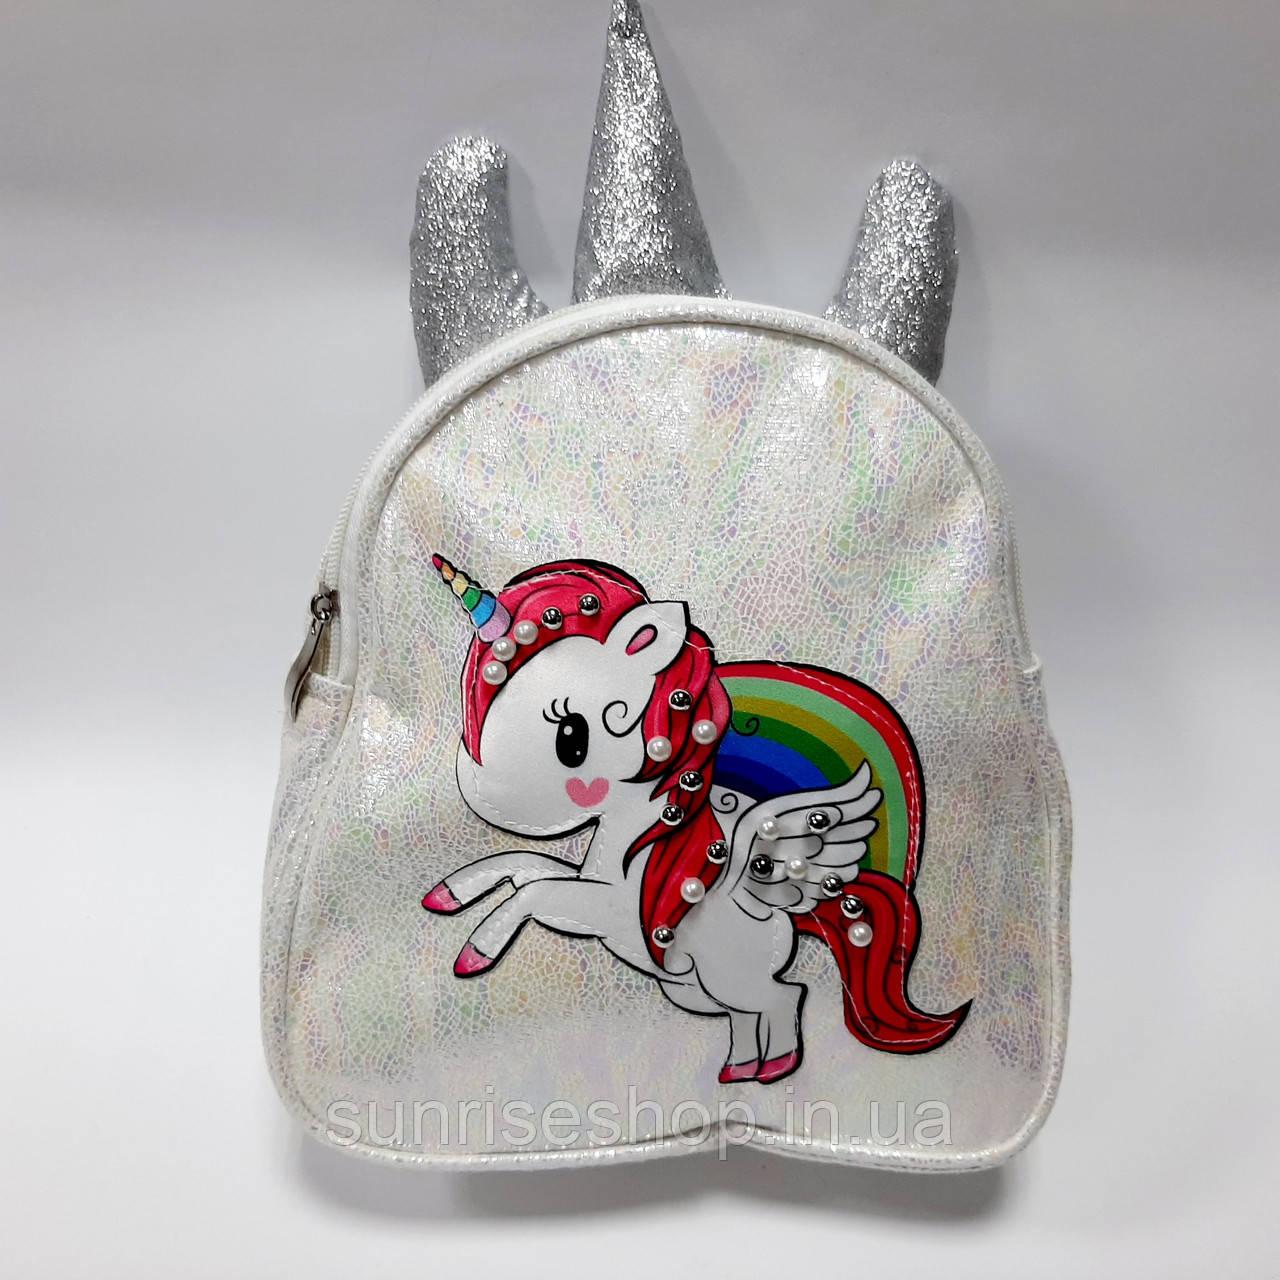 Детский рюкзак Единорог